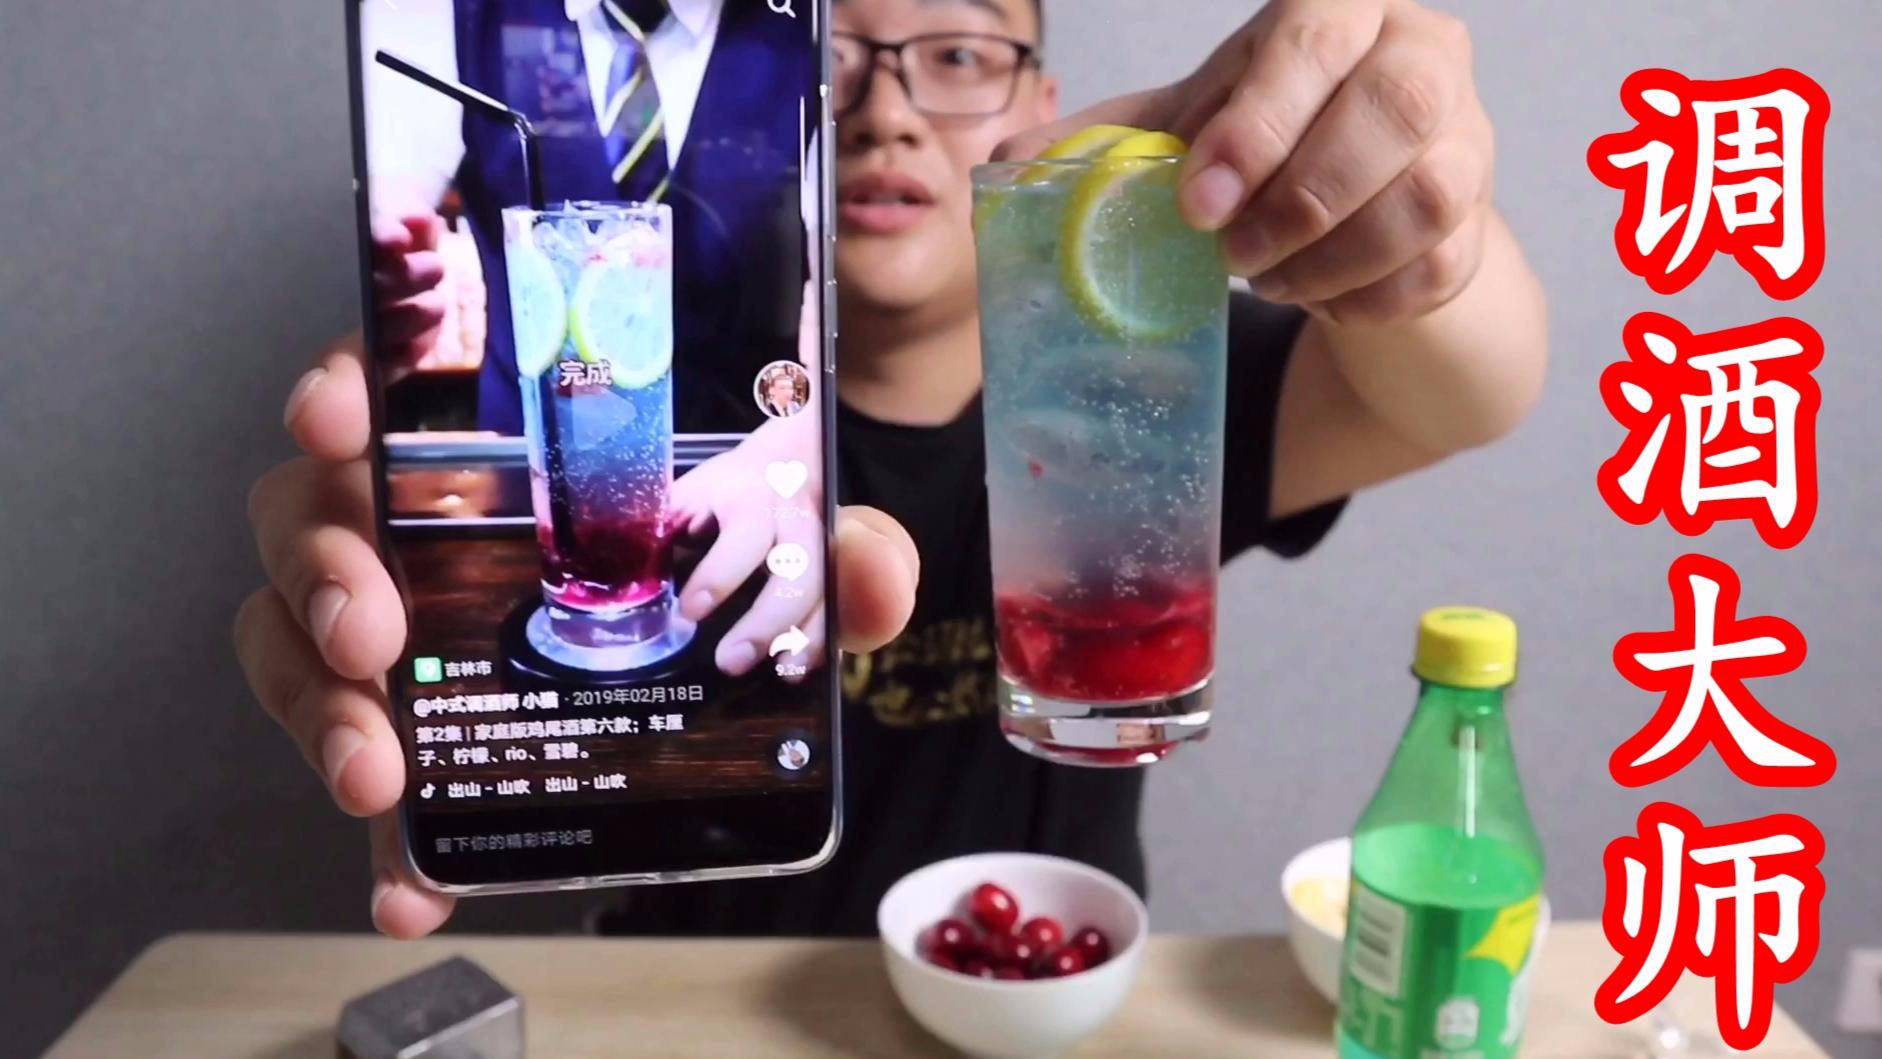 把网上点赞100万的调酒视频,一比一还原出来,味道真的好喝吗